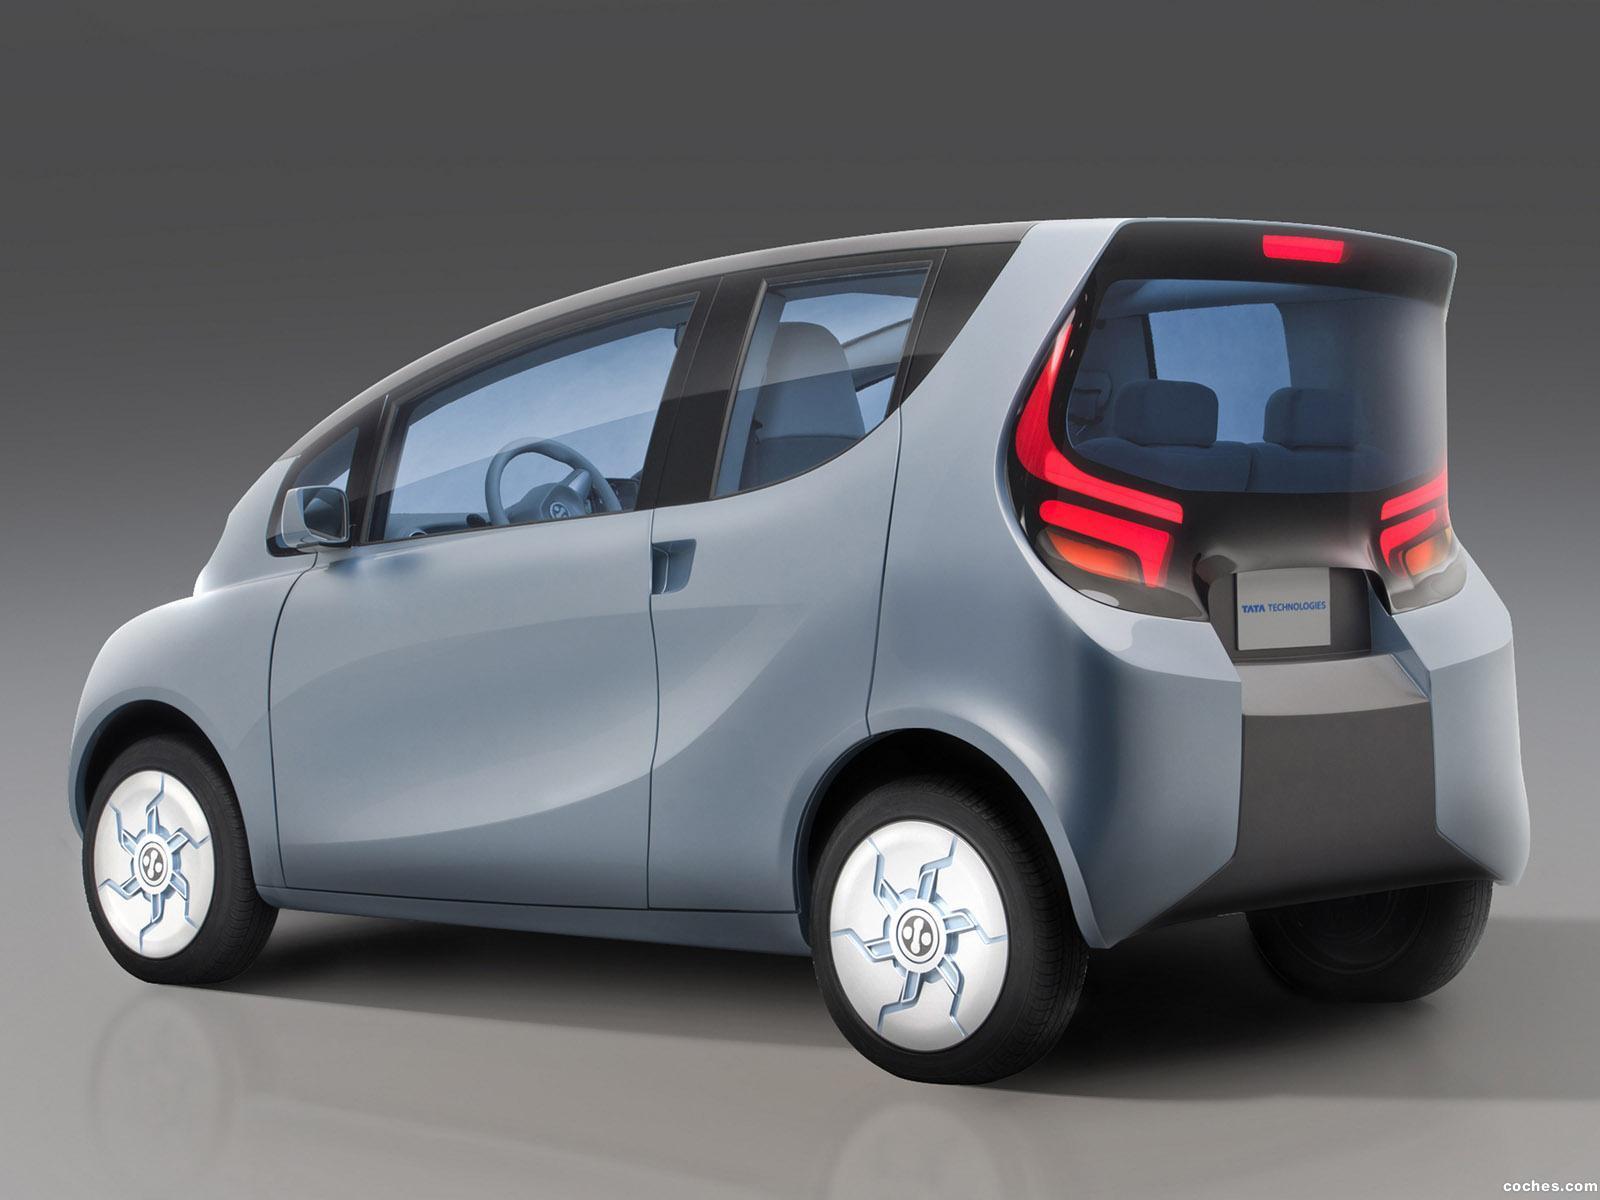 Foto 1 de Tata eMO Concept 2012